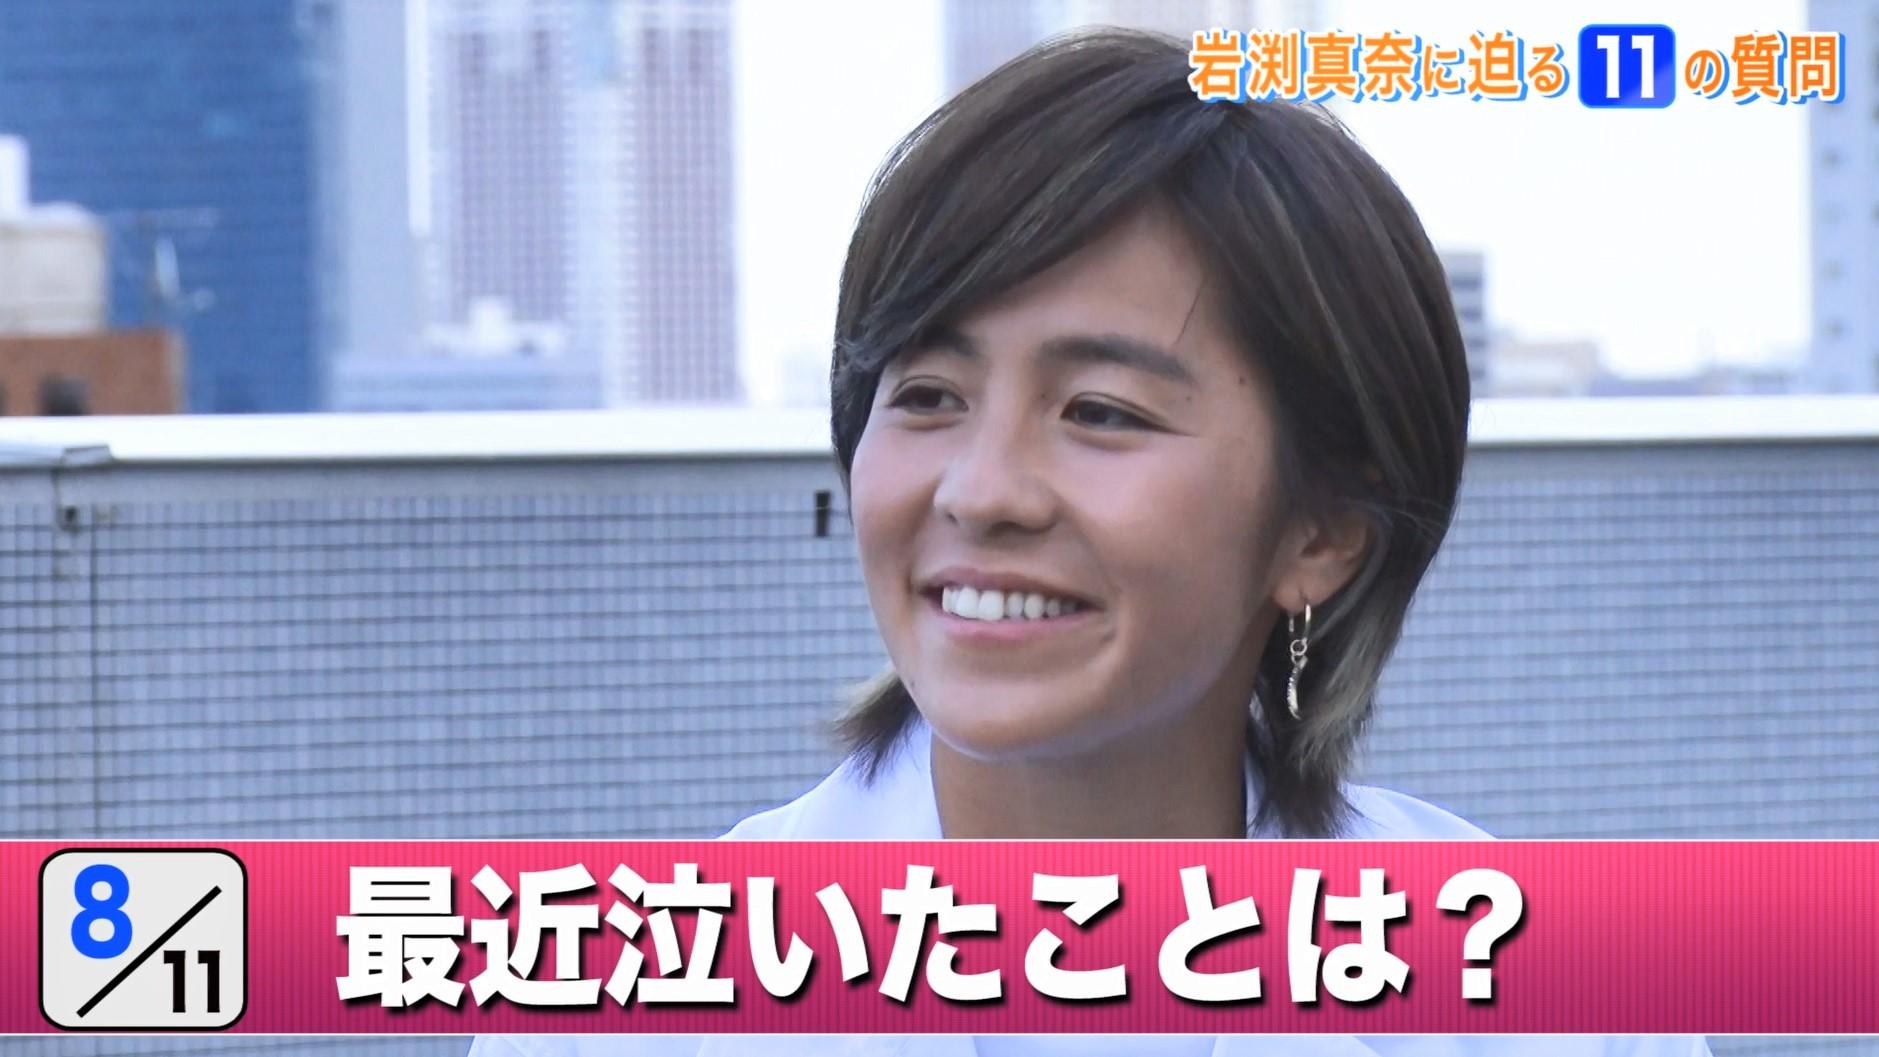 【必見!】なでしこジャパンのエース岩渕真奈!最近泣いたことは?